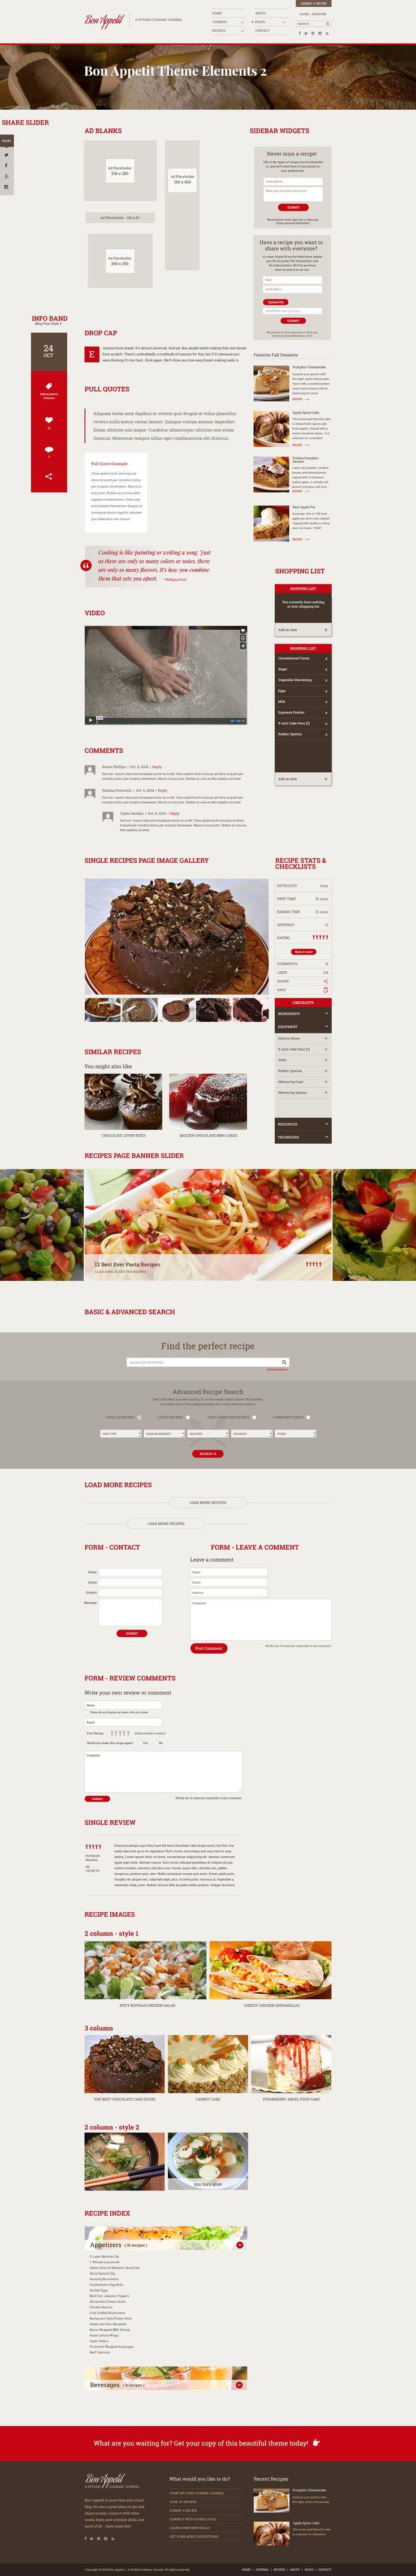 Bon Appetit | A Stylish Culinary Journal